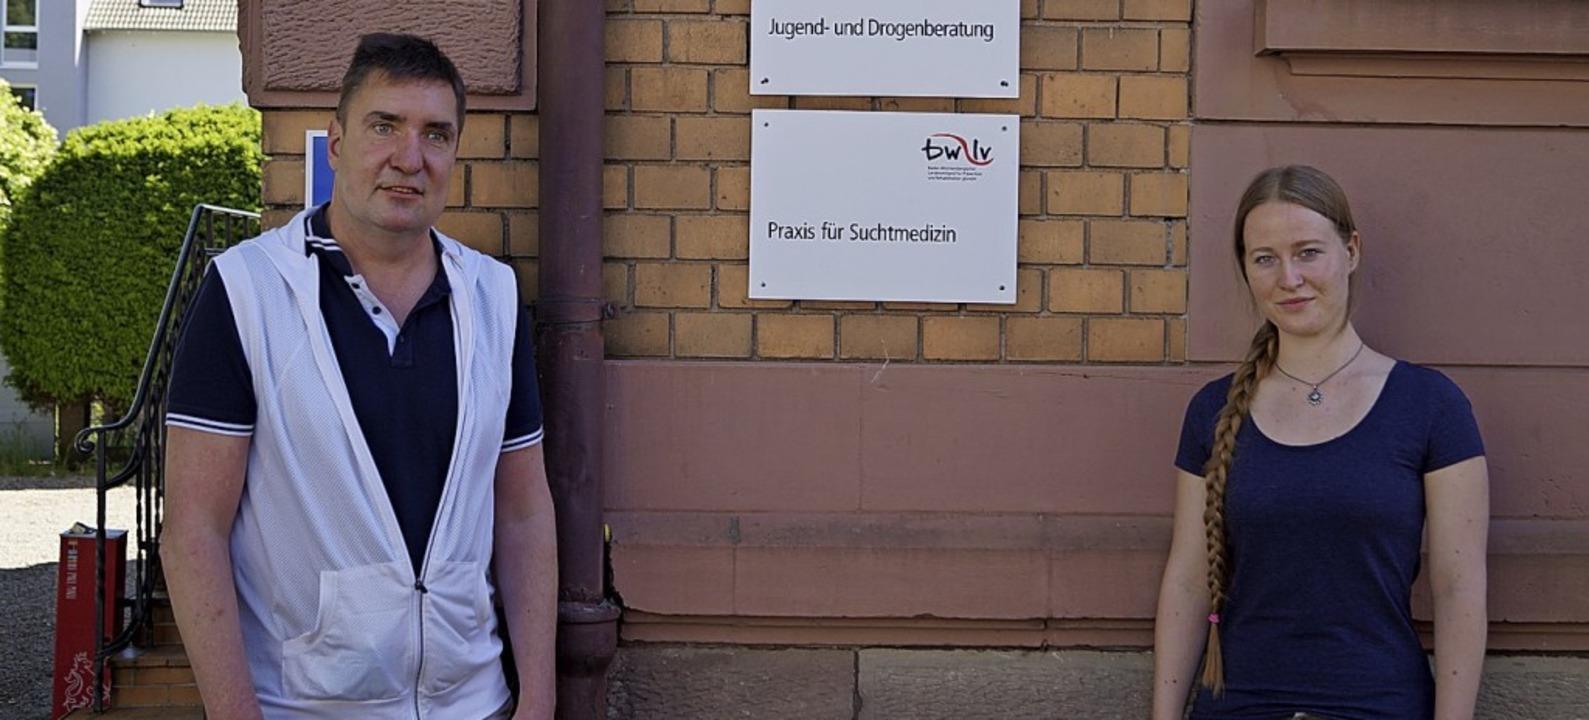 Sozialpädagoge und Suchttherapeut Mich...raxis für Suchtmedizin Kehl/Offenburg.    Foto: Christine Storck-Haupt